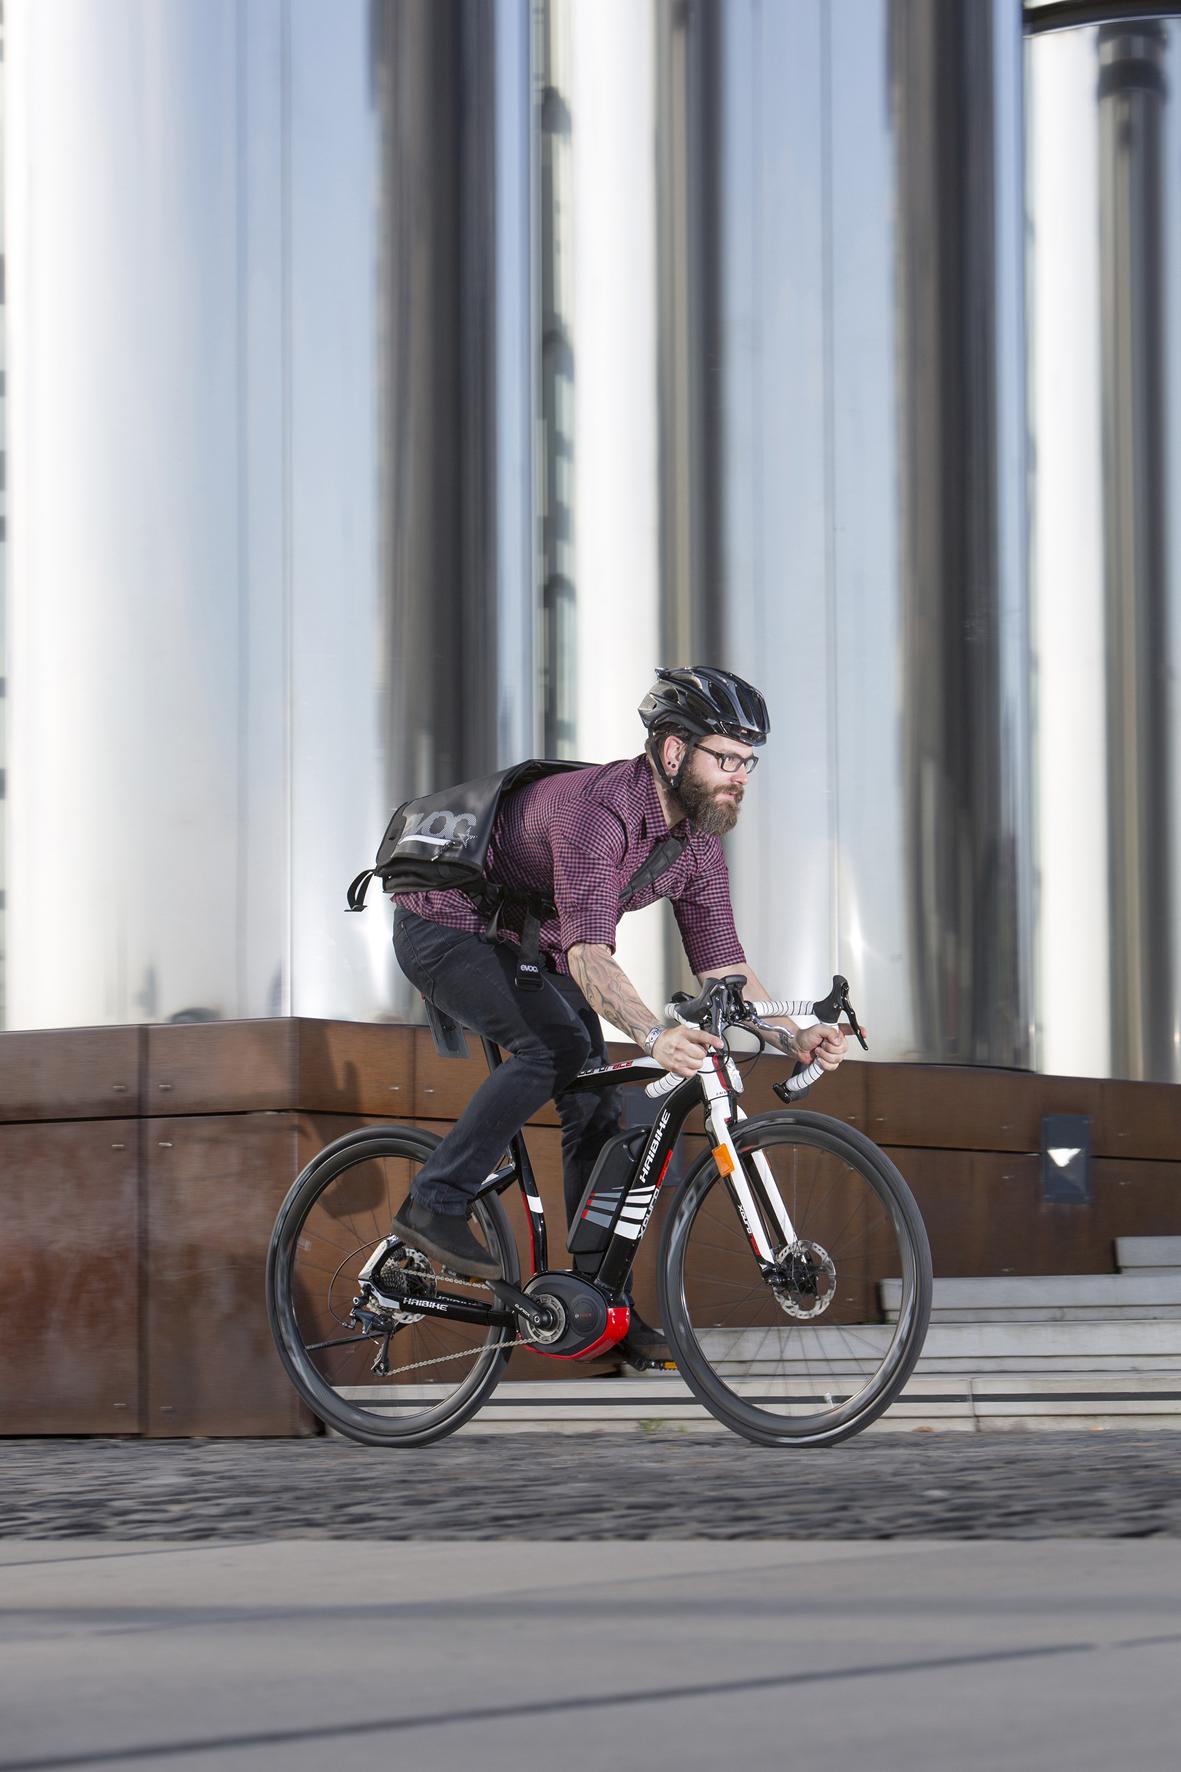 mid Düsseldorf - E-Bike, Pedelec oder S-Pedelec? Nicht jedes Fahrrad mit zusätzlichem Elektromotor ist gleich, und es gelten unterschiedliche Regeln. Die bis zu 45 km/h schnellen S-Pedelecs etwa gelten vor dem Gesetz als Kleinkraftrad.